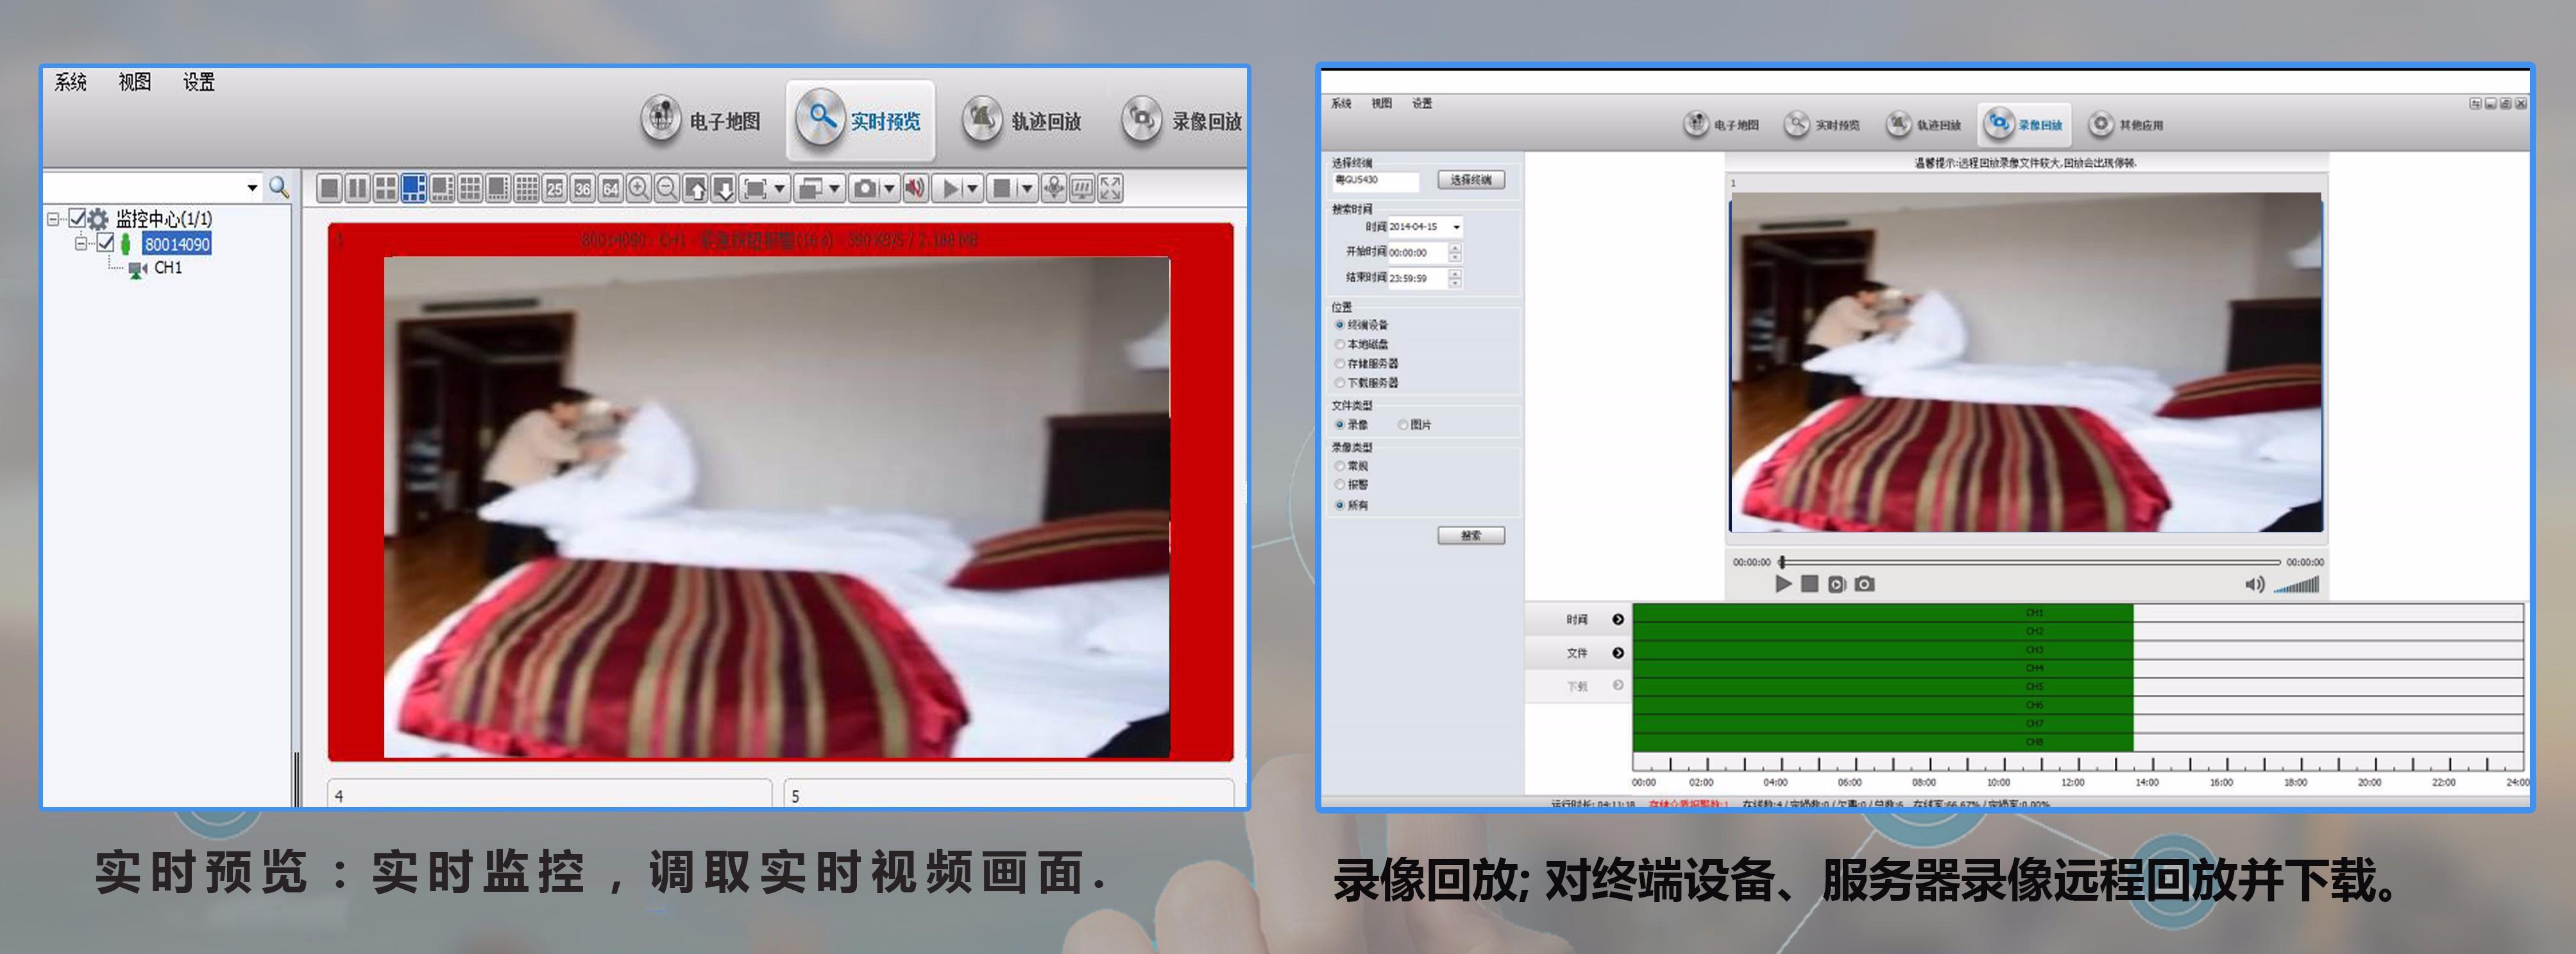 酒店记录仪、实时监控.jpg